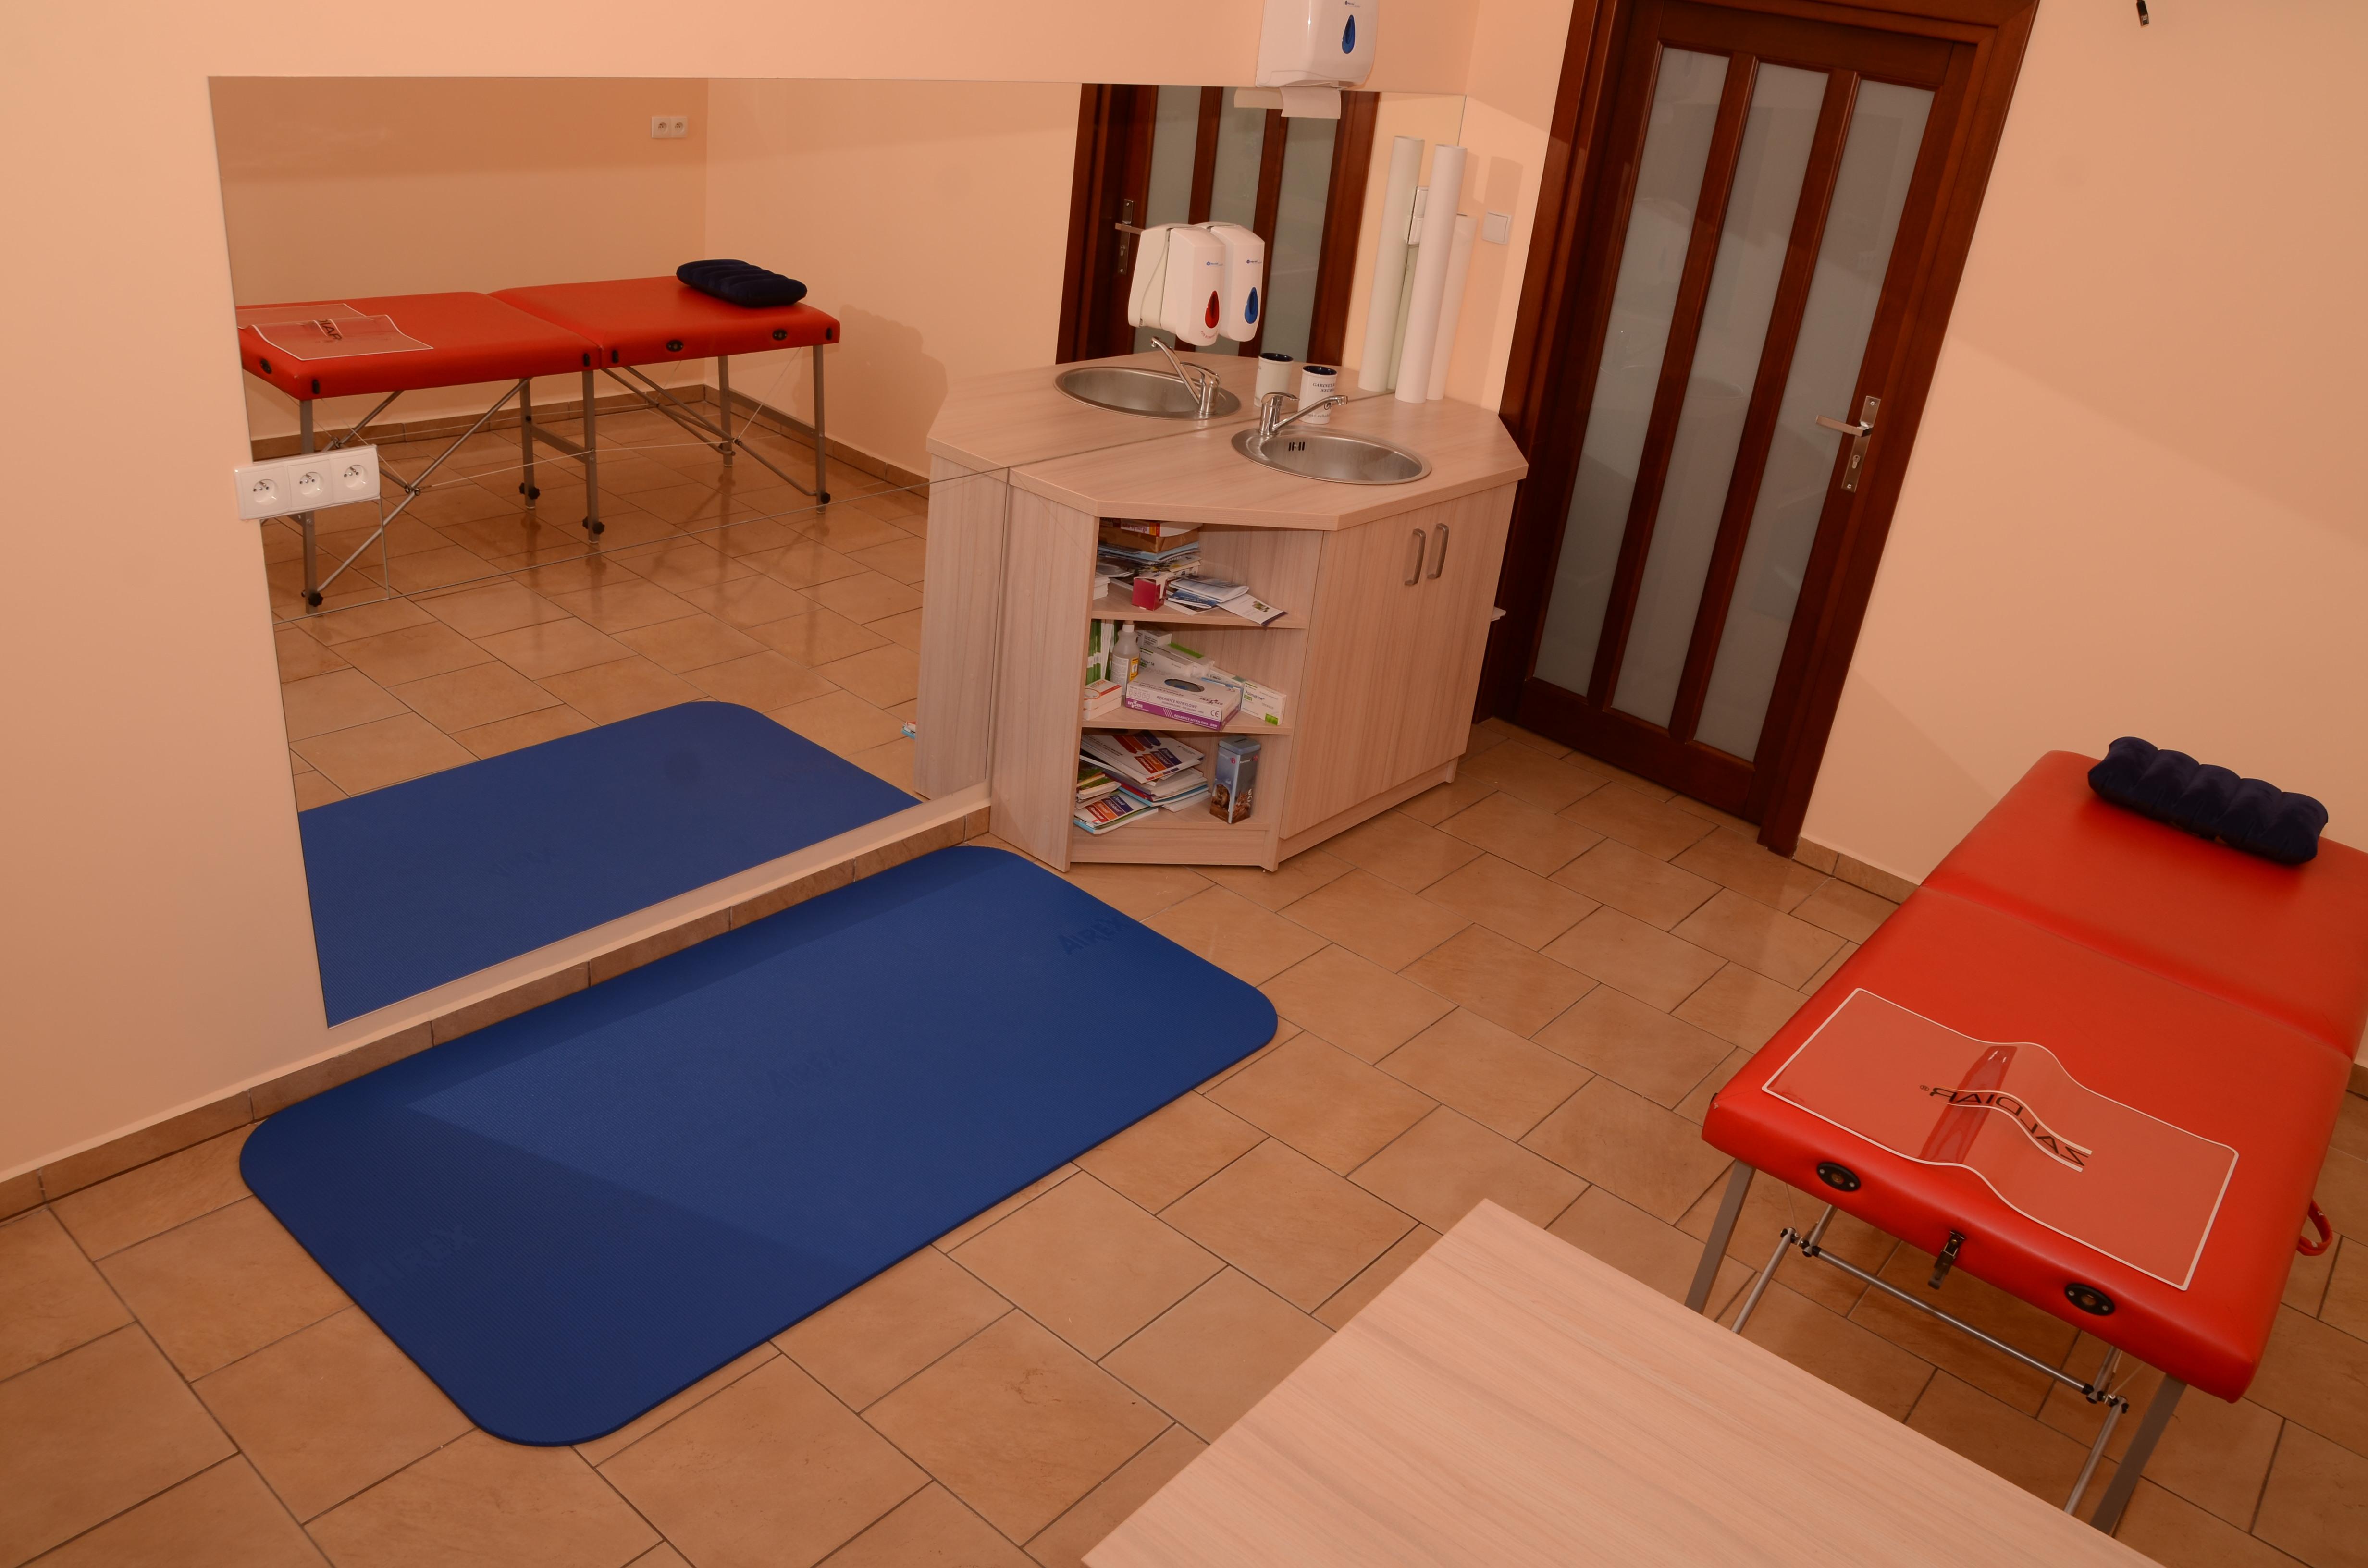 Gabinet - Rehabilitacja Koszalin